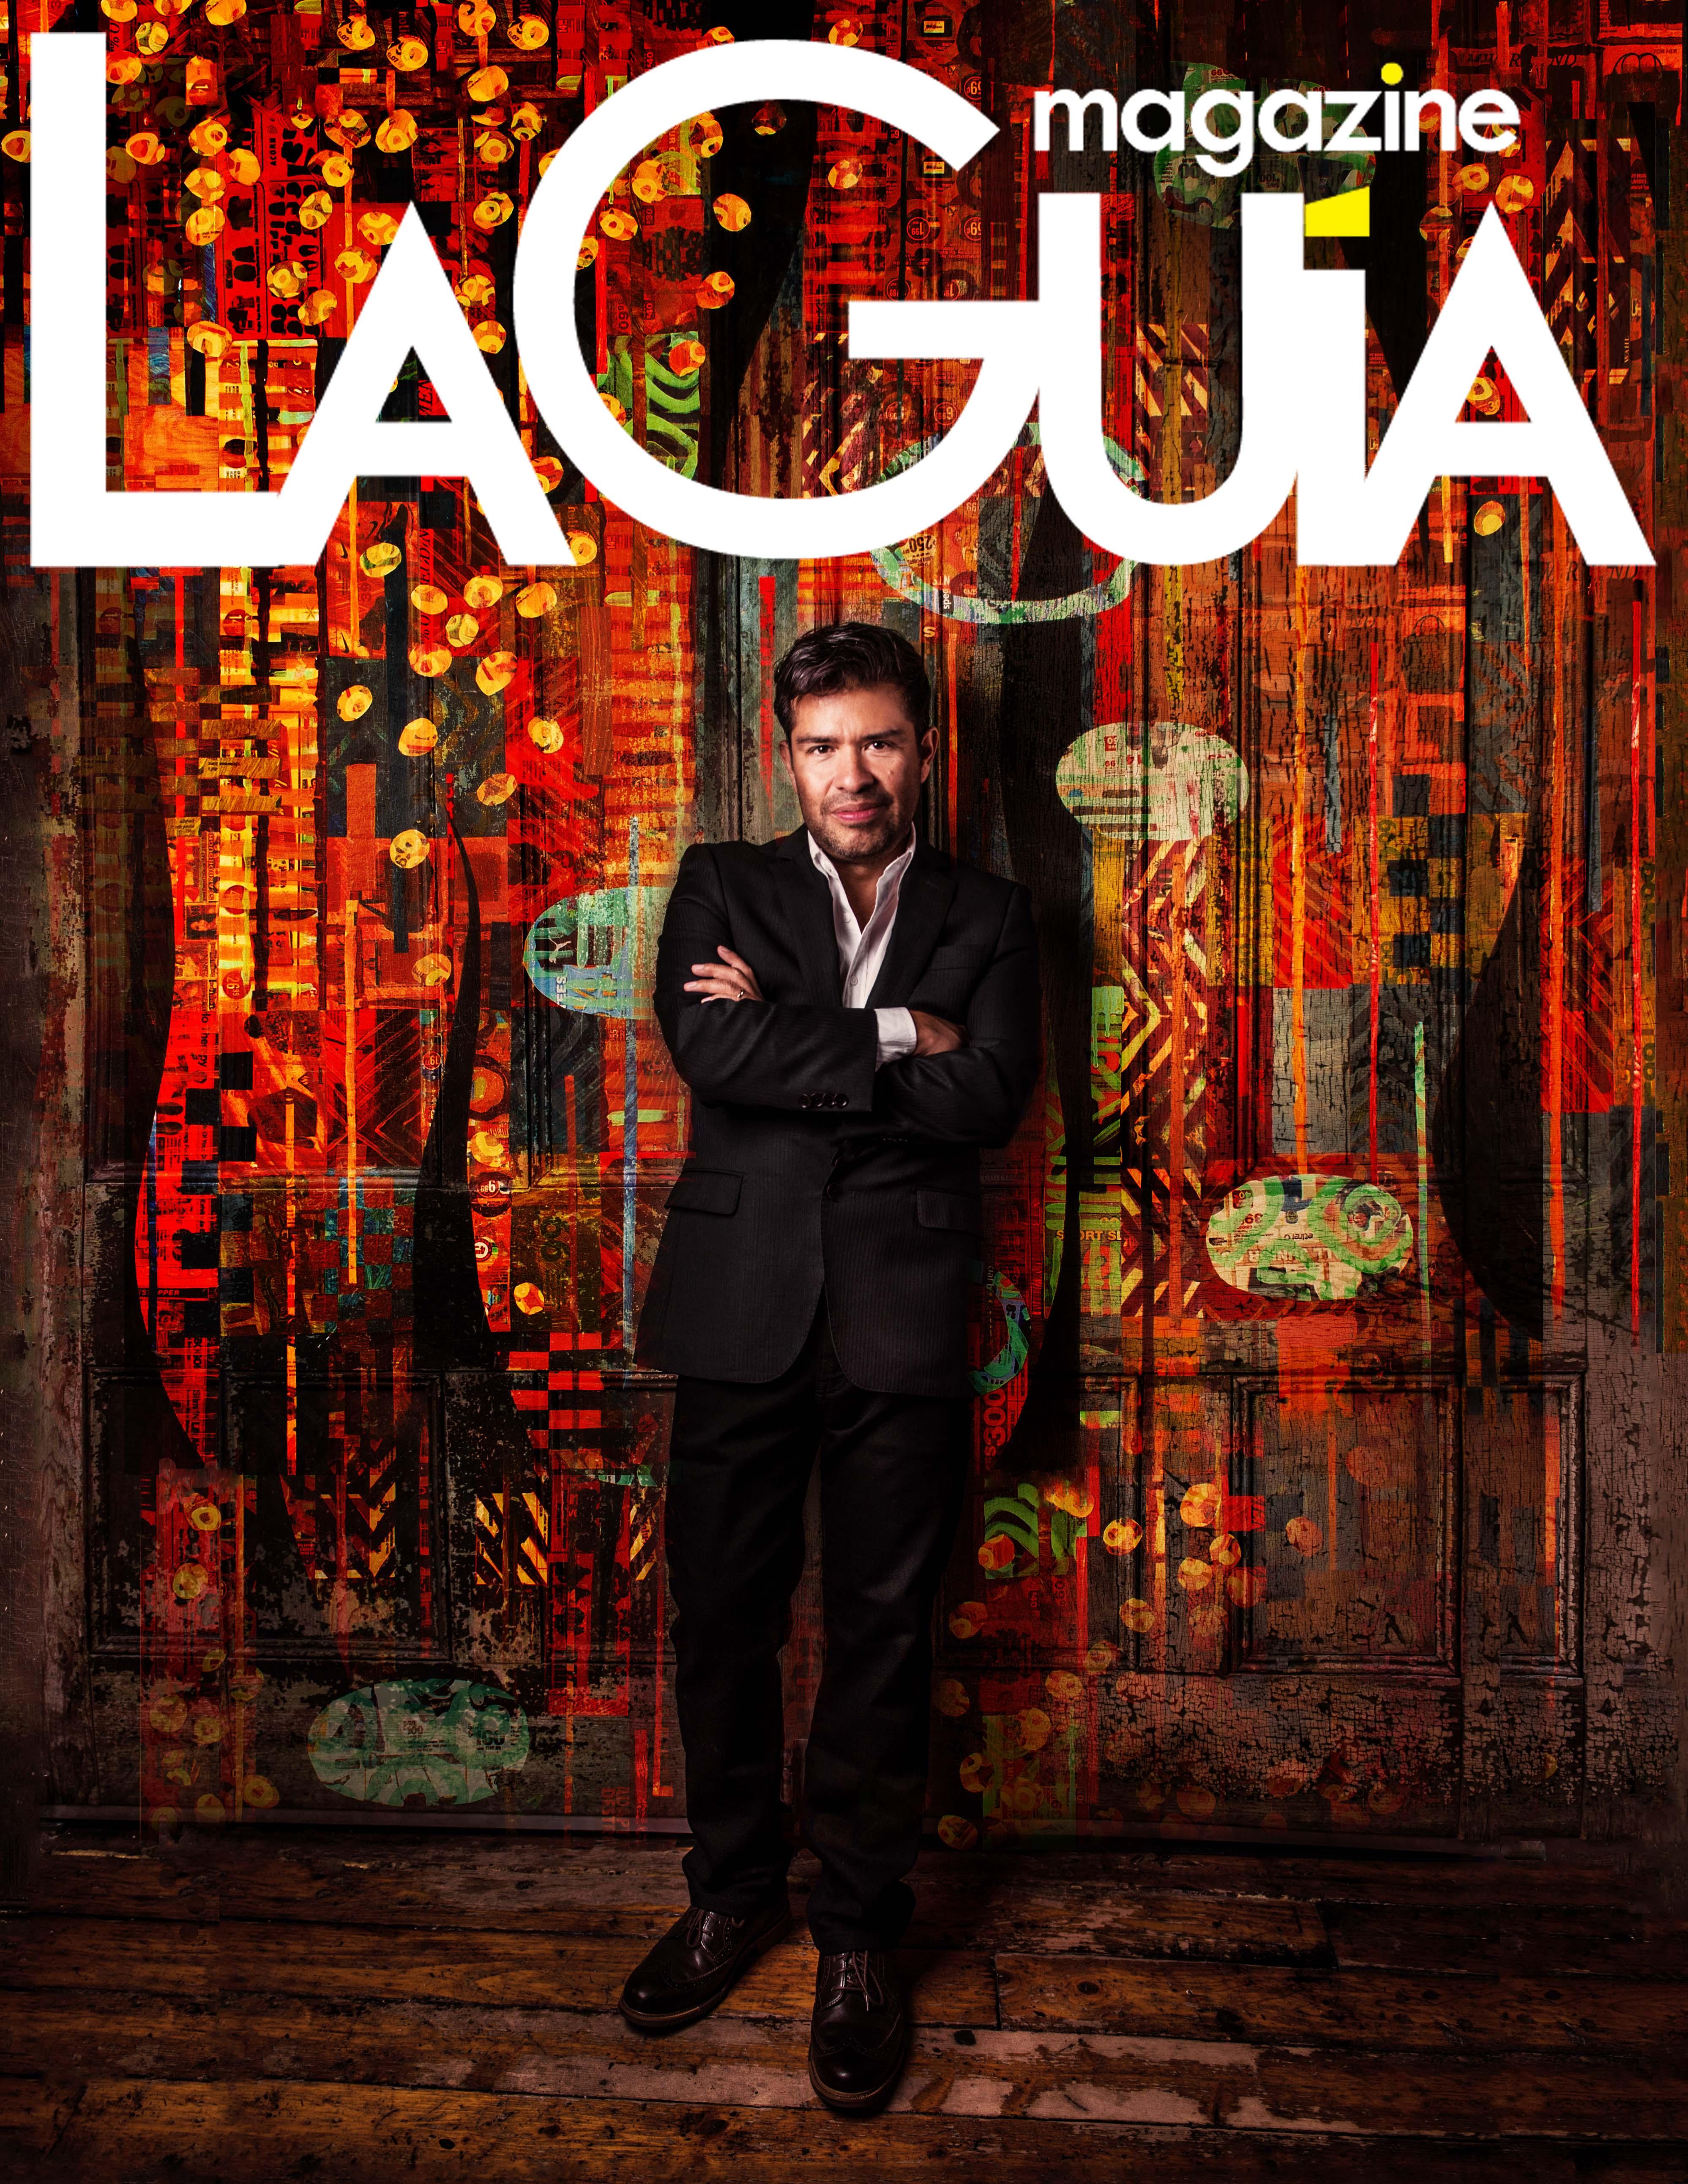 La Guia - cover